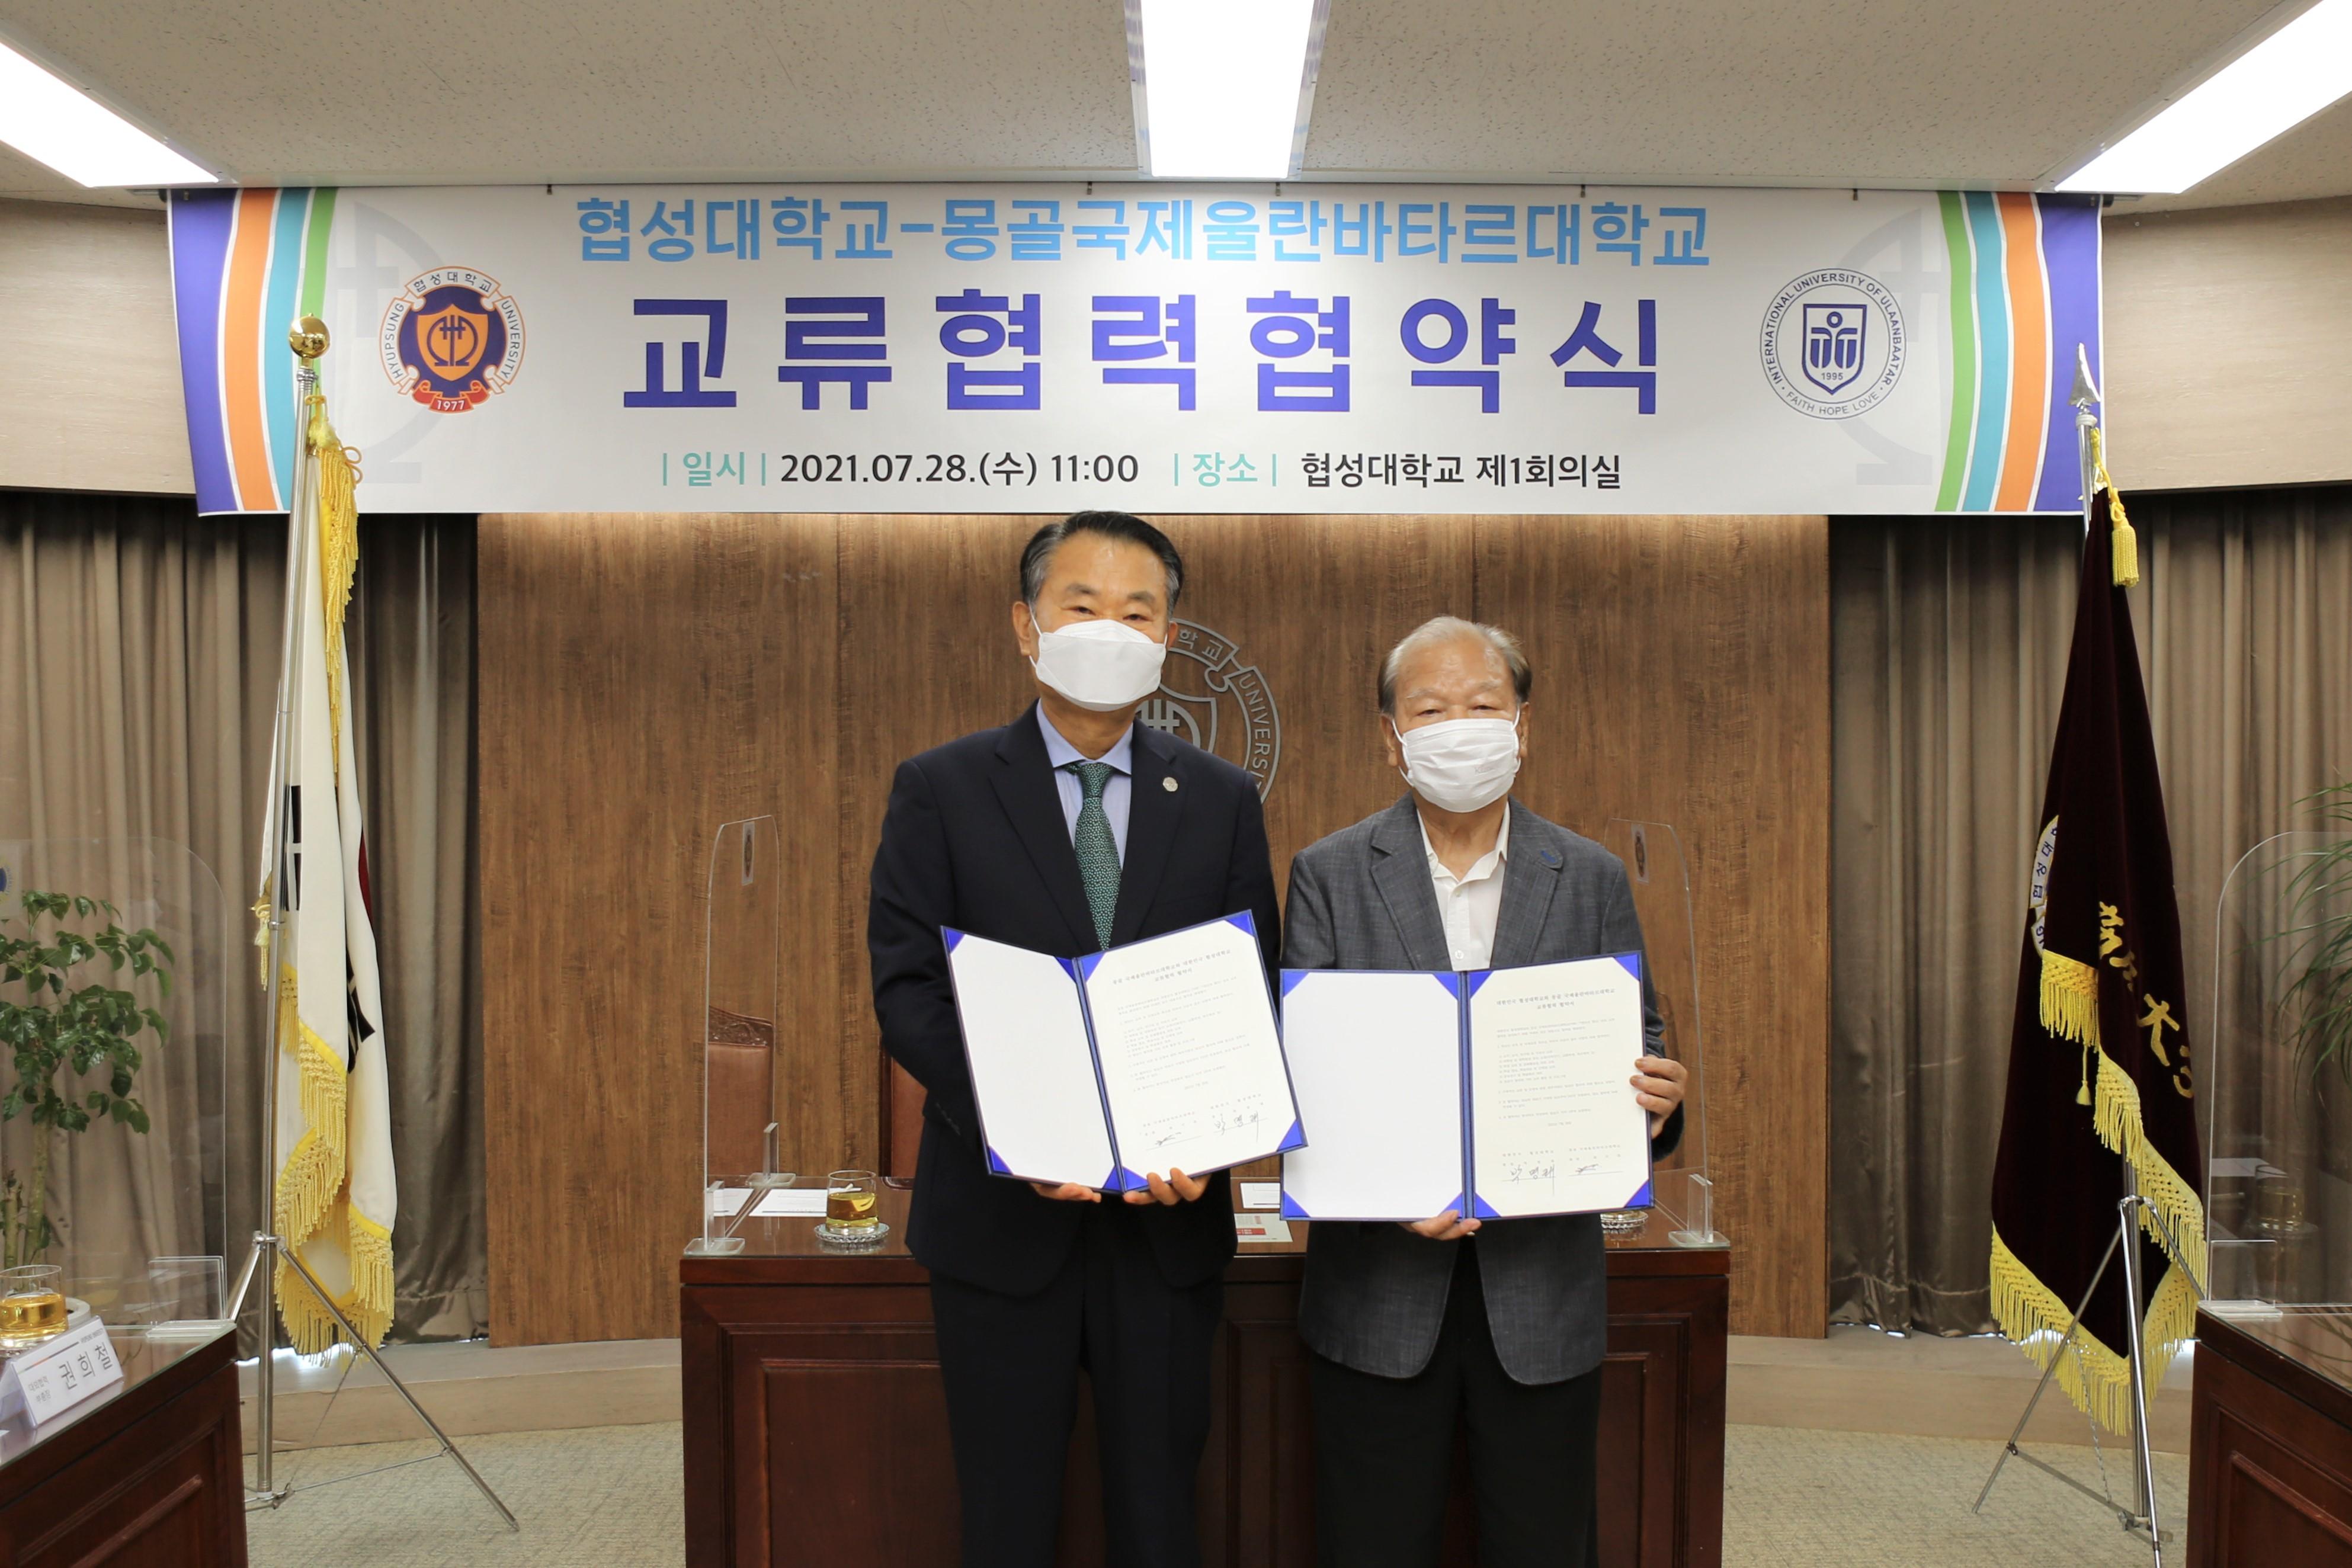 [21.07.28] 「보도자료」 협성대학교-몽골 국제울란바타르대학교 교류협력 협약식